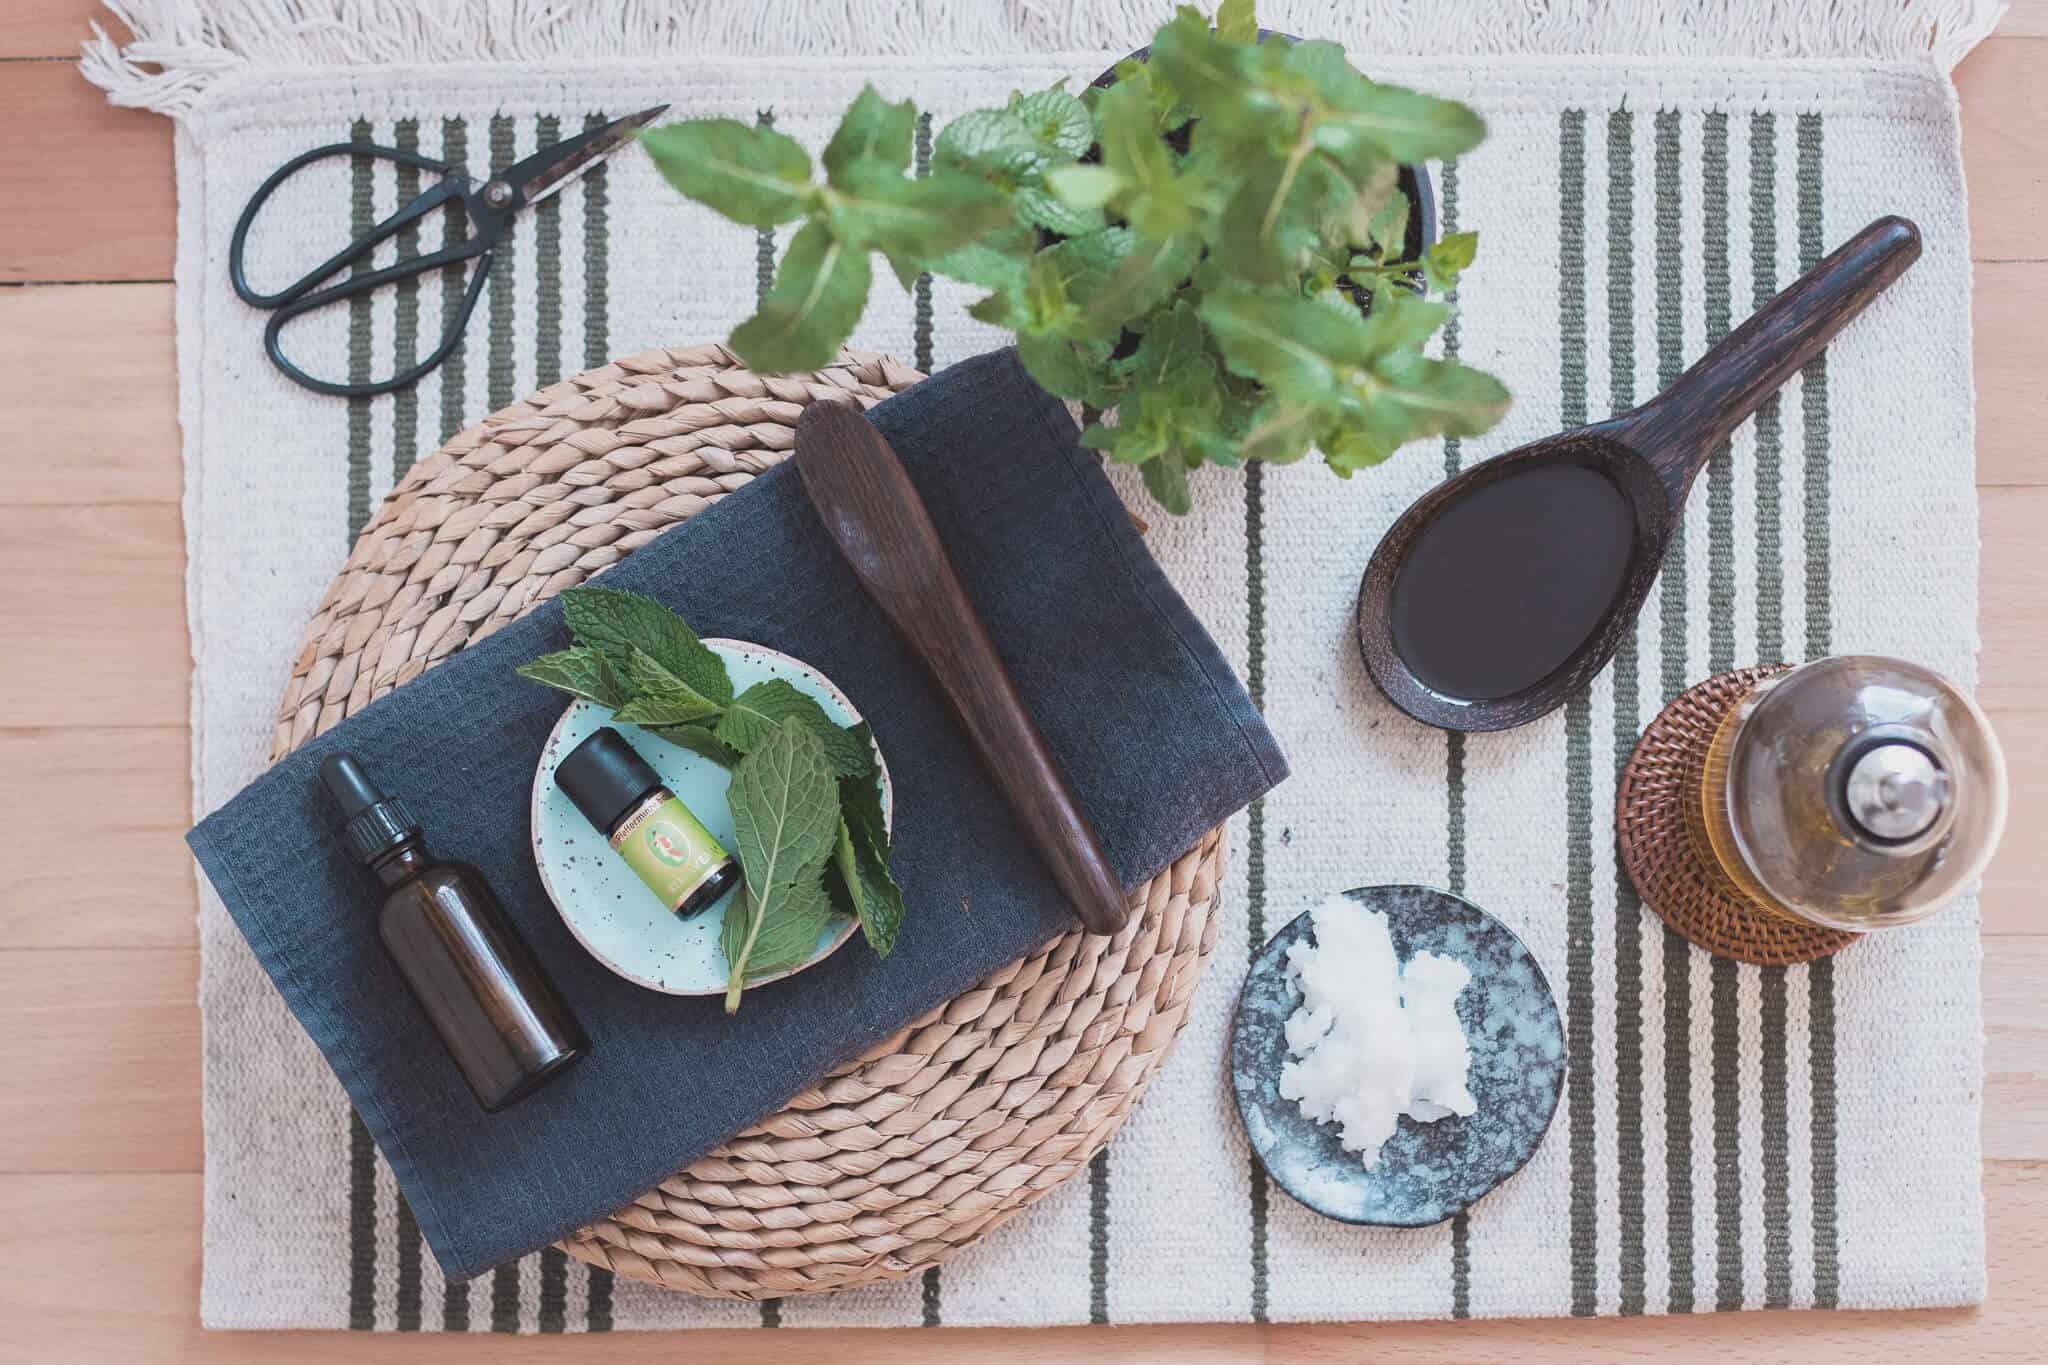 Kokosöl Olivenöl und Pfefferminzöl mit Minze und Schere auf Holzboden